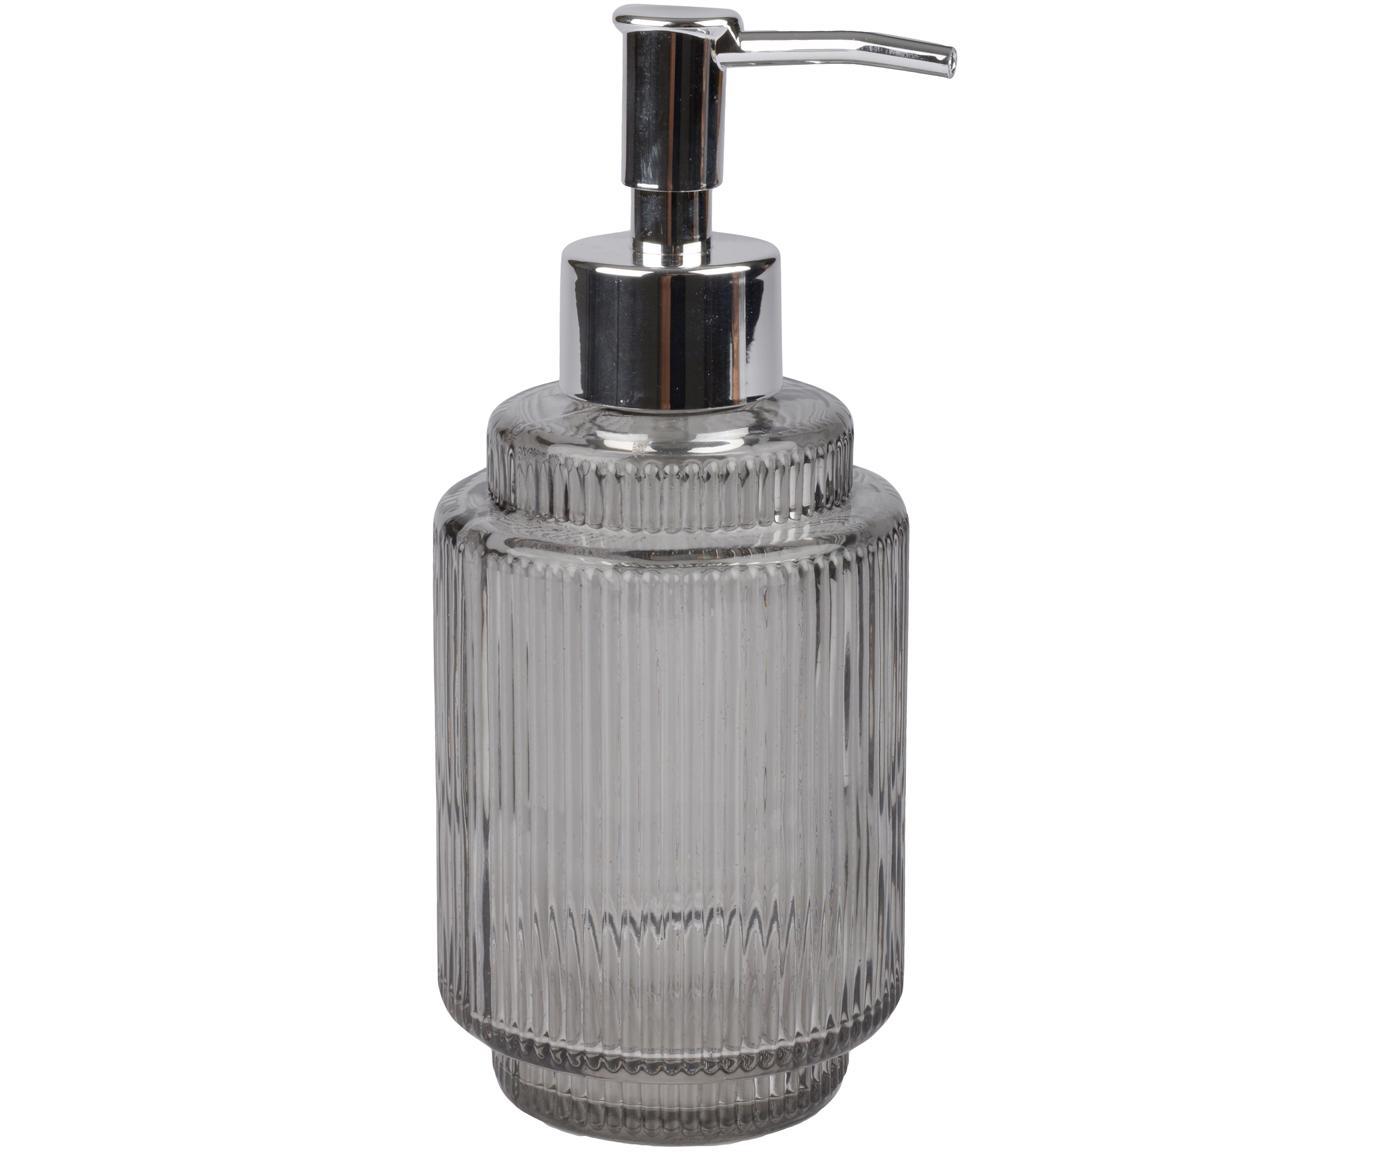 Seifenspender Ligia aus geriffeltem Glas, Glas, Grau, transparent, Silberfarben, Ø 8 x H 17 cm